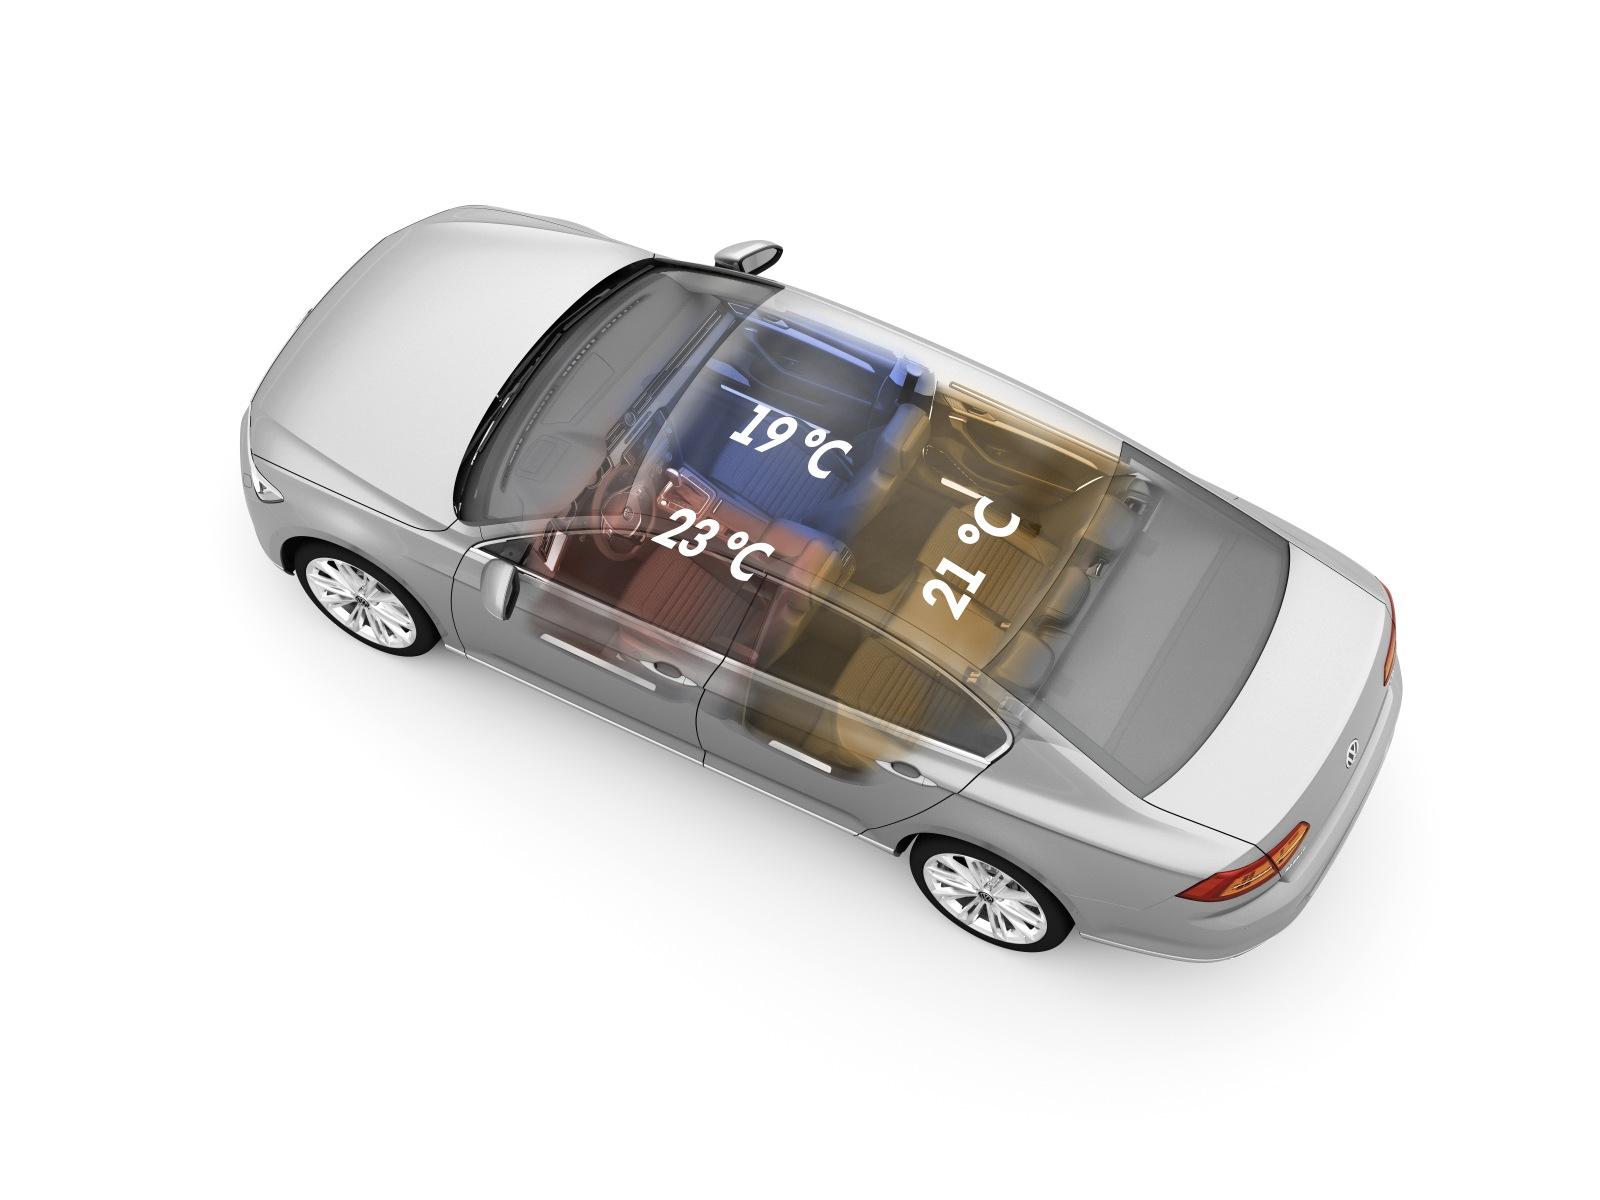 2014 Volkswagen Passat je prevratny